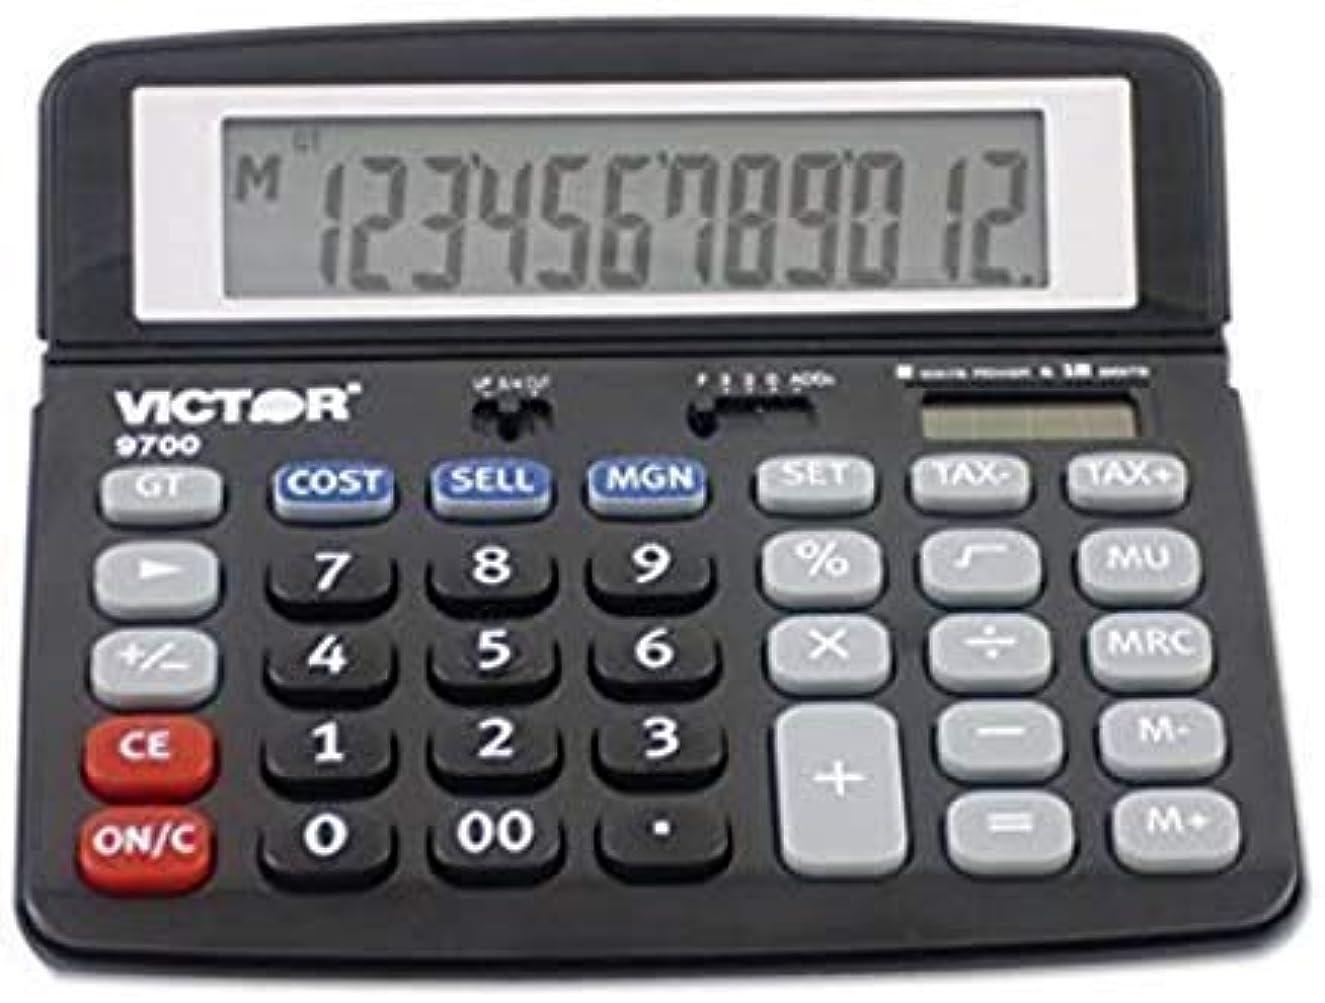 ロッカー母性交通渋滞Victor 9700 標準機能電卓